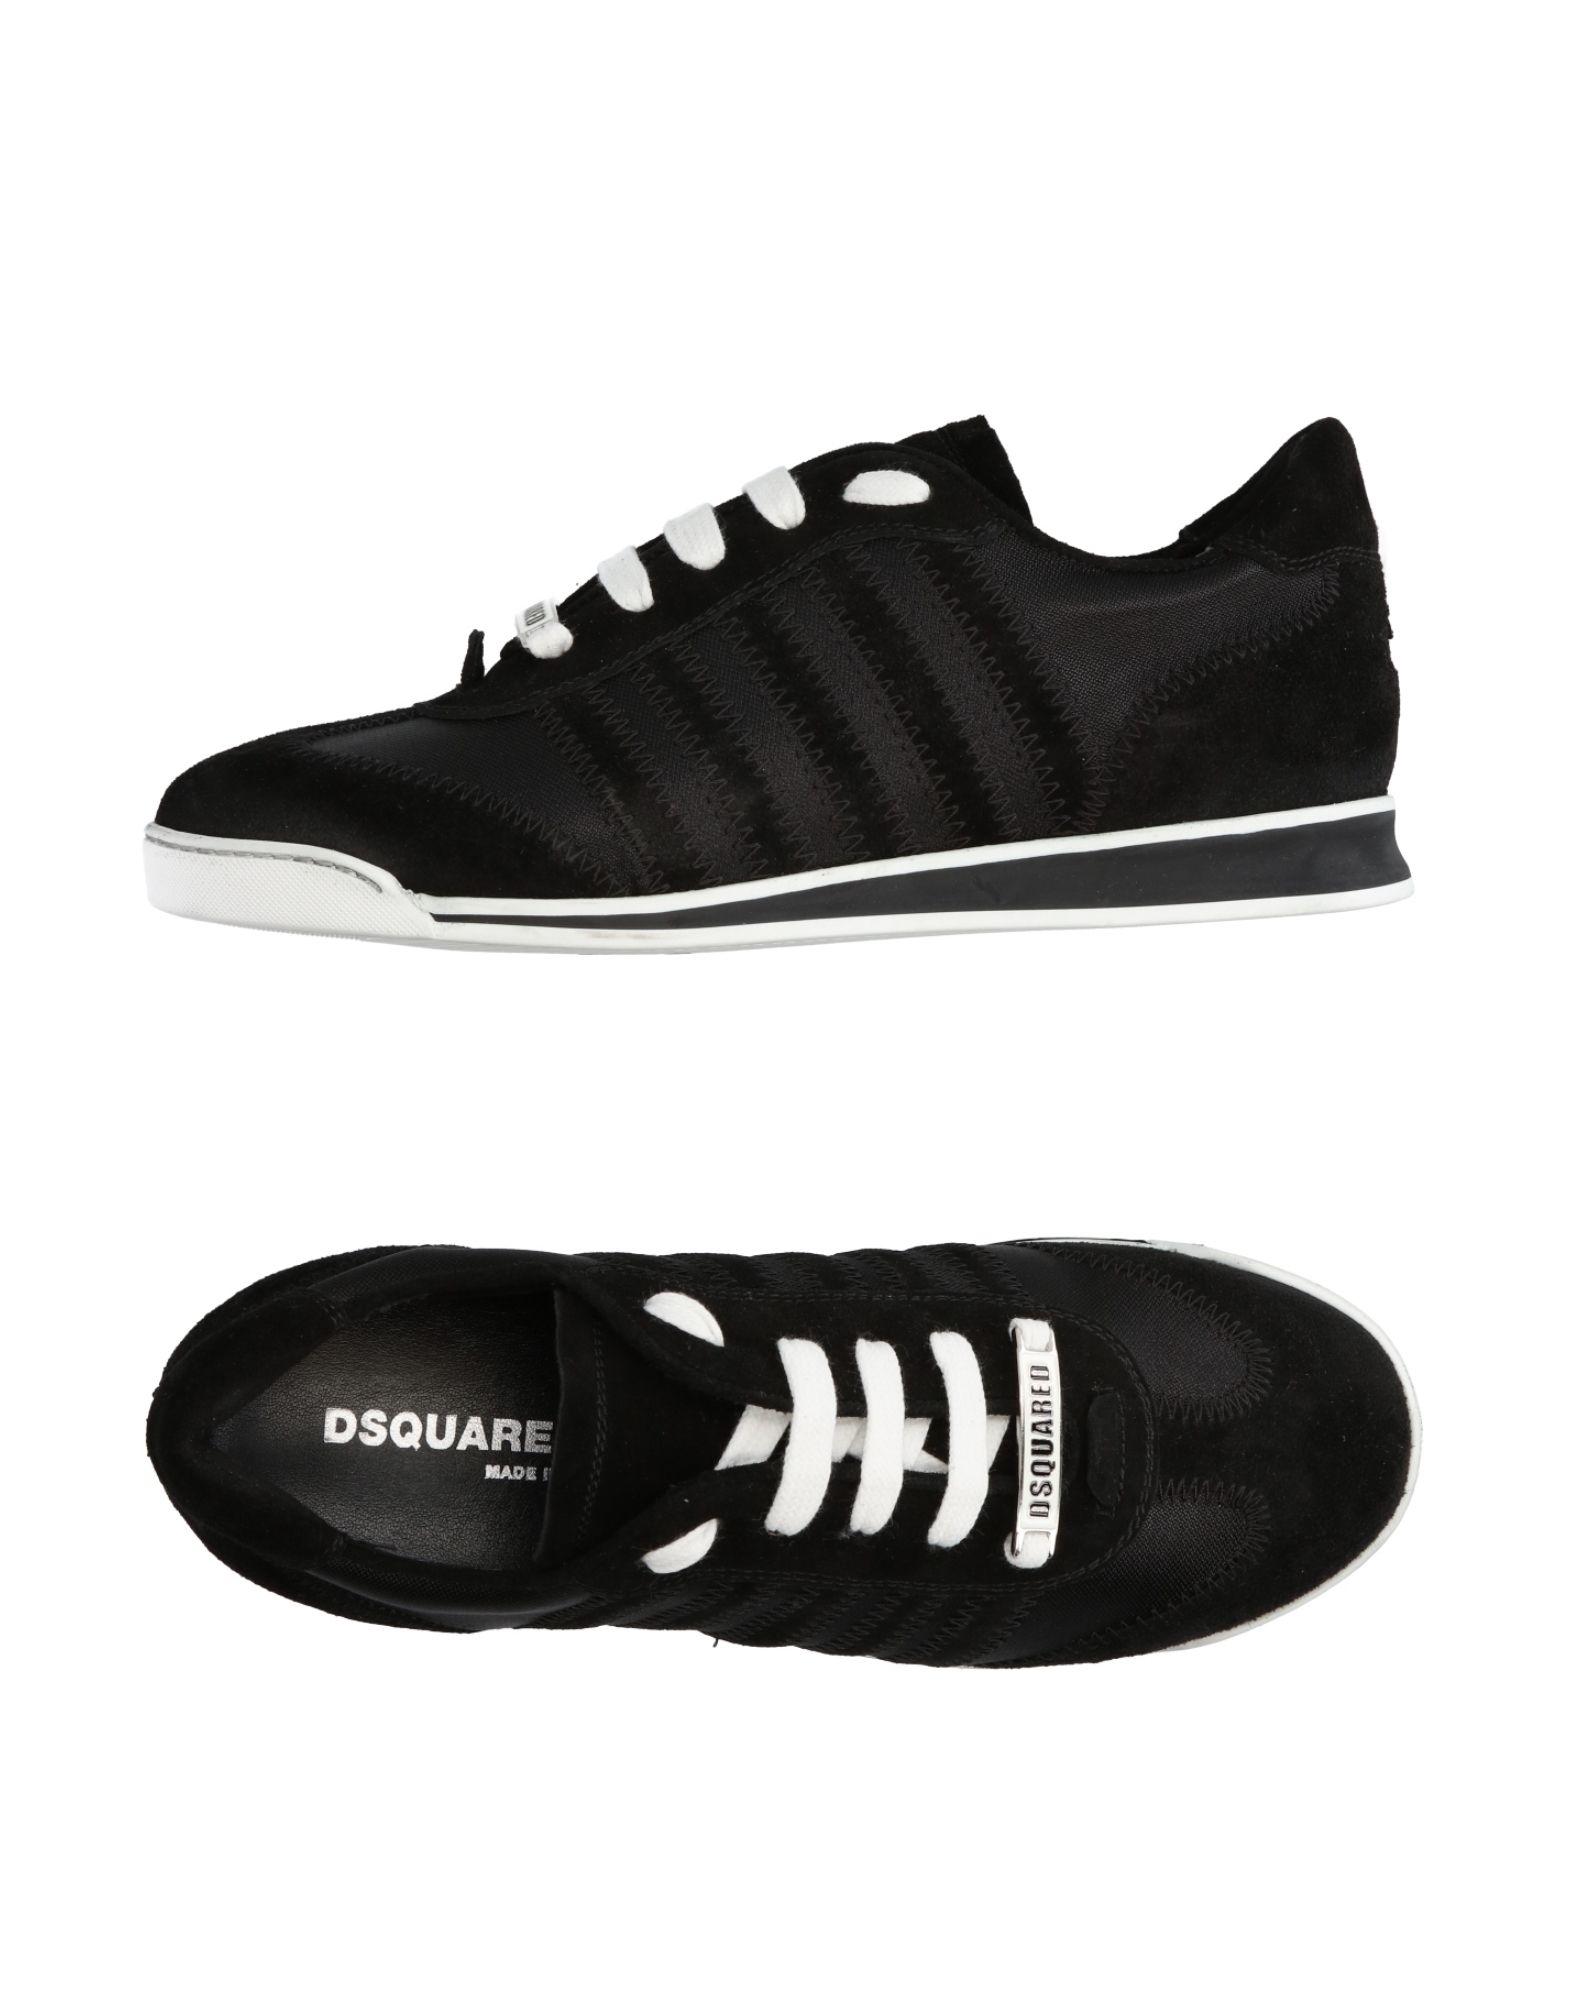 Baskets Dsquared2 Femme - Baskets Dsquared2 Noir Dernières chaussures discount pour hommes et femmes